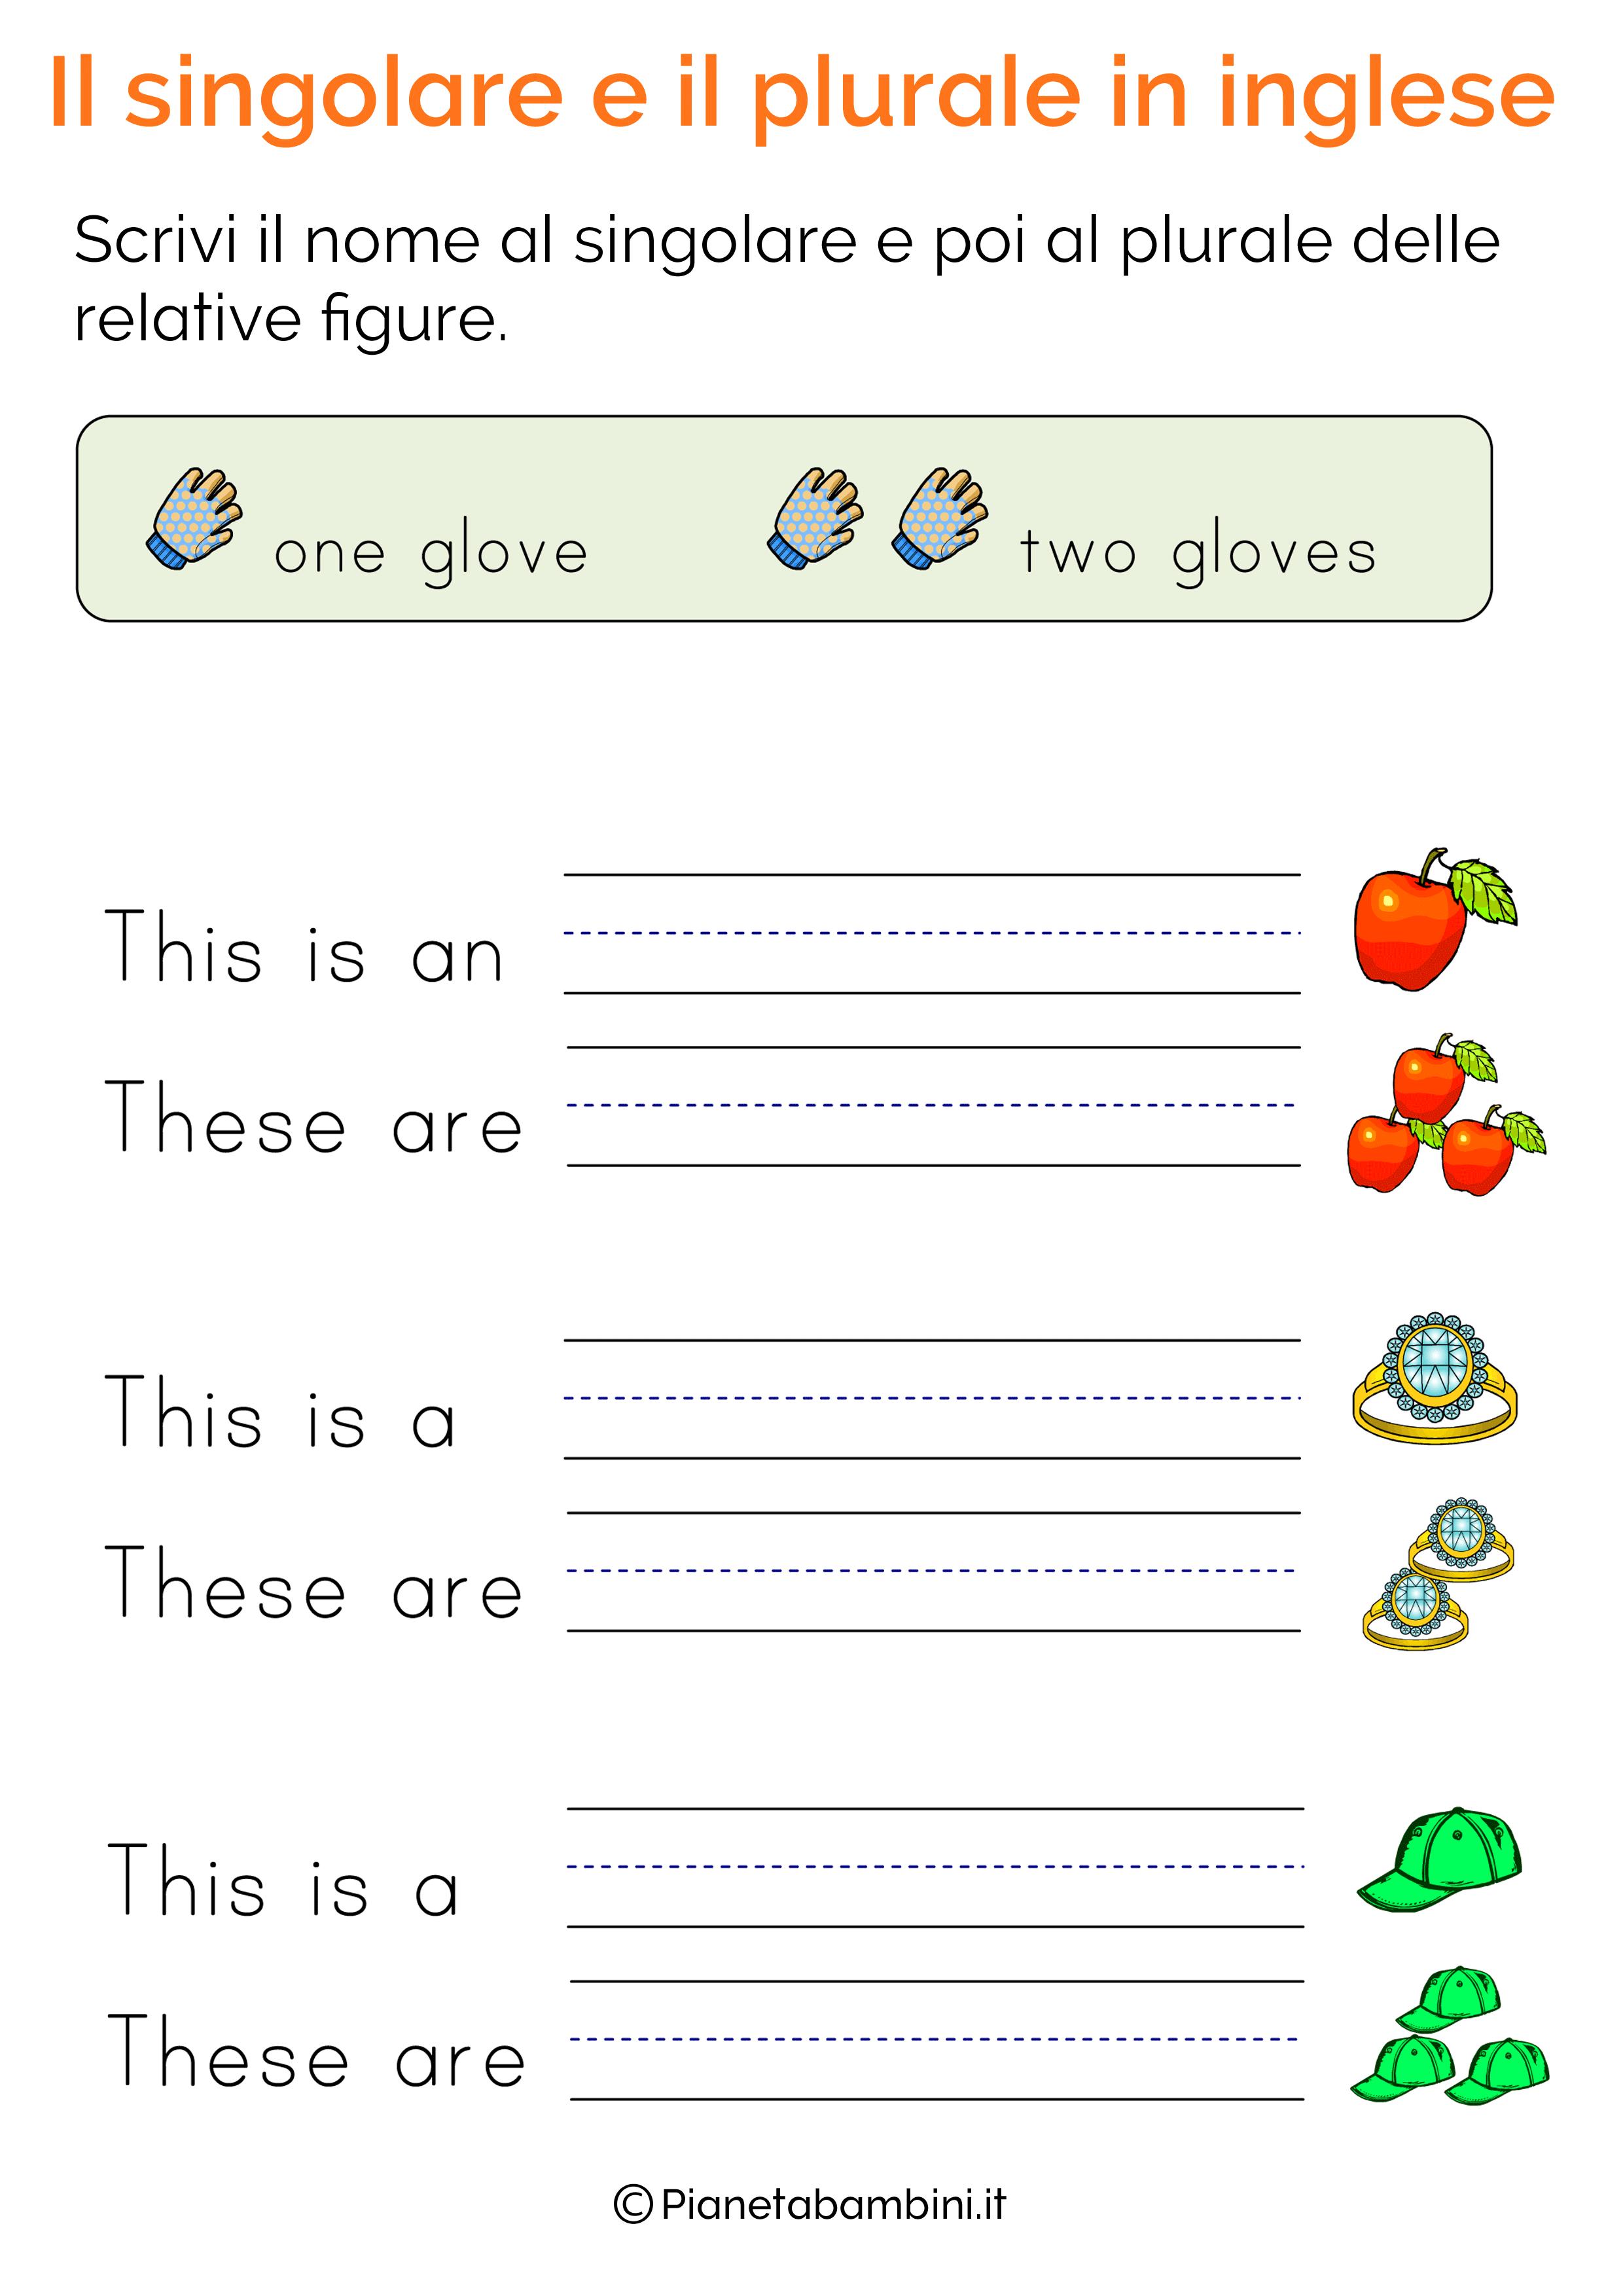 Esercizi sul singolare e plurale in inglese pagina 10